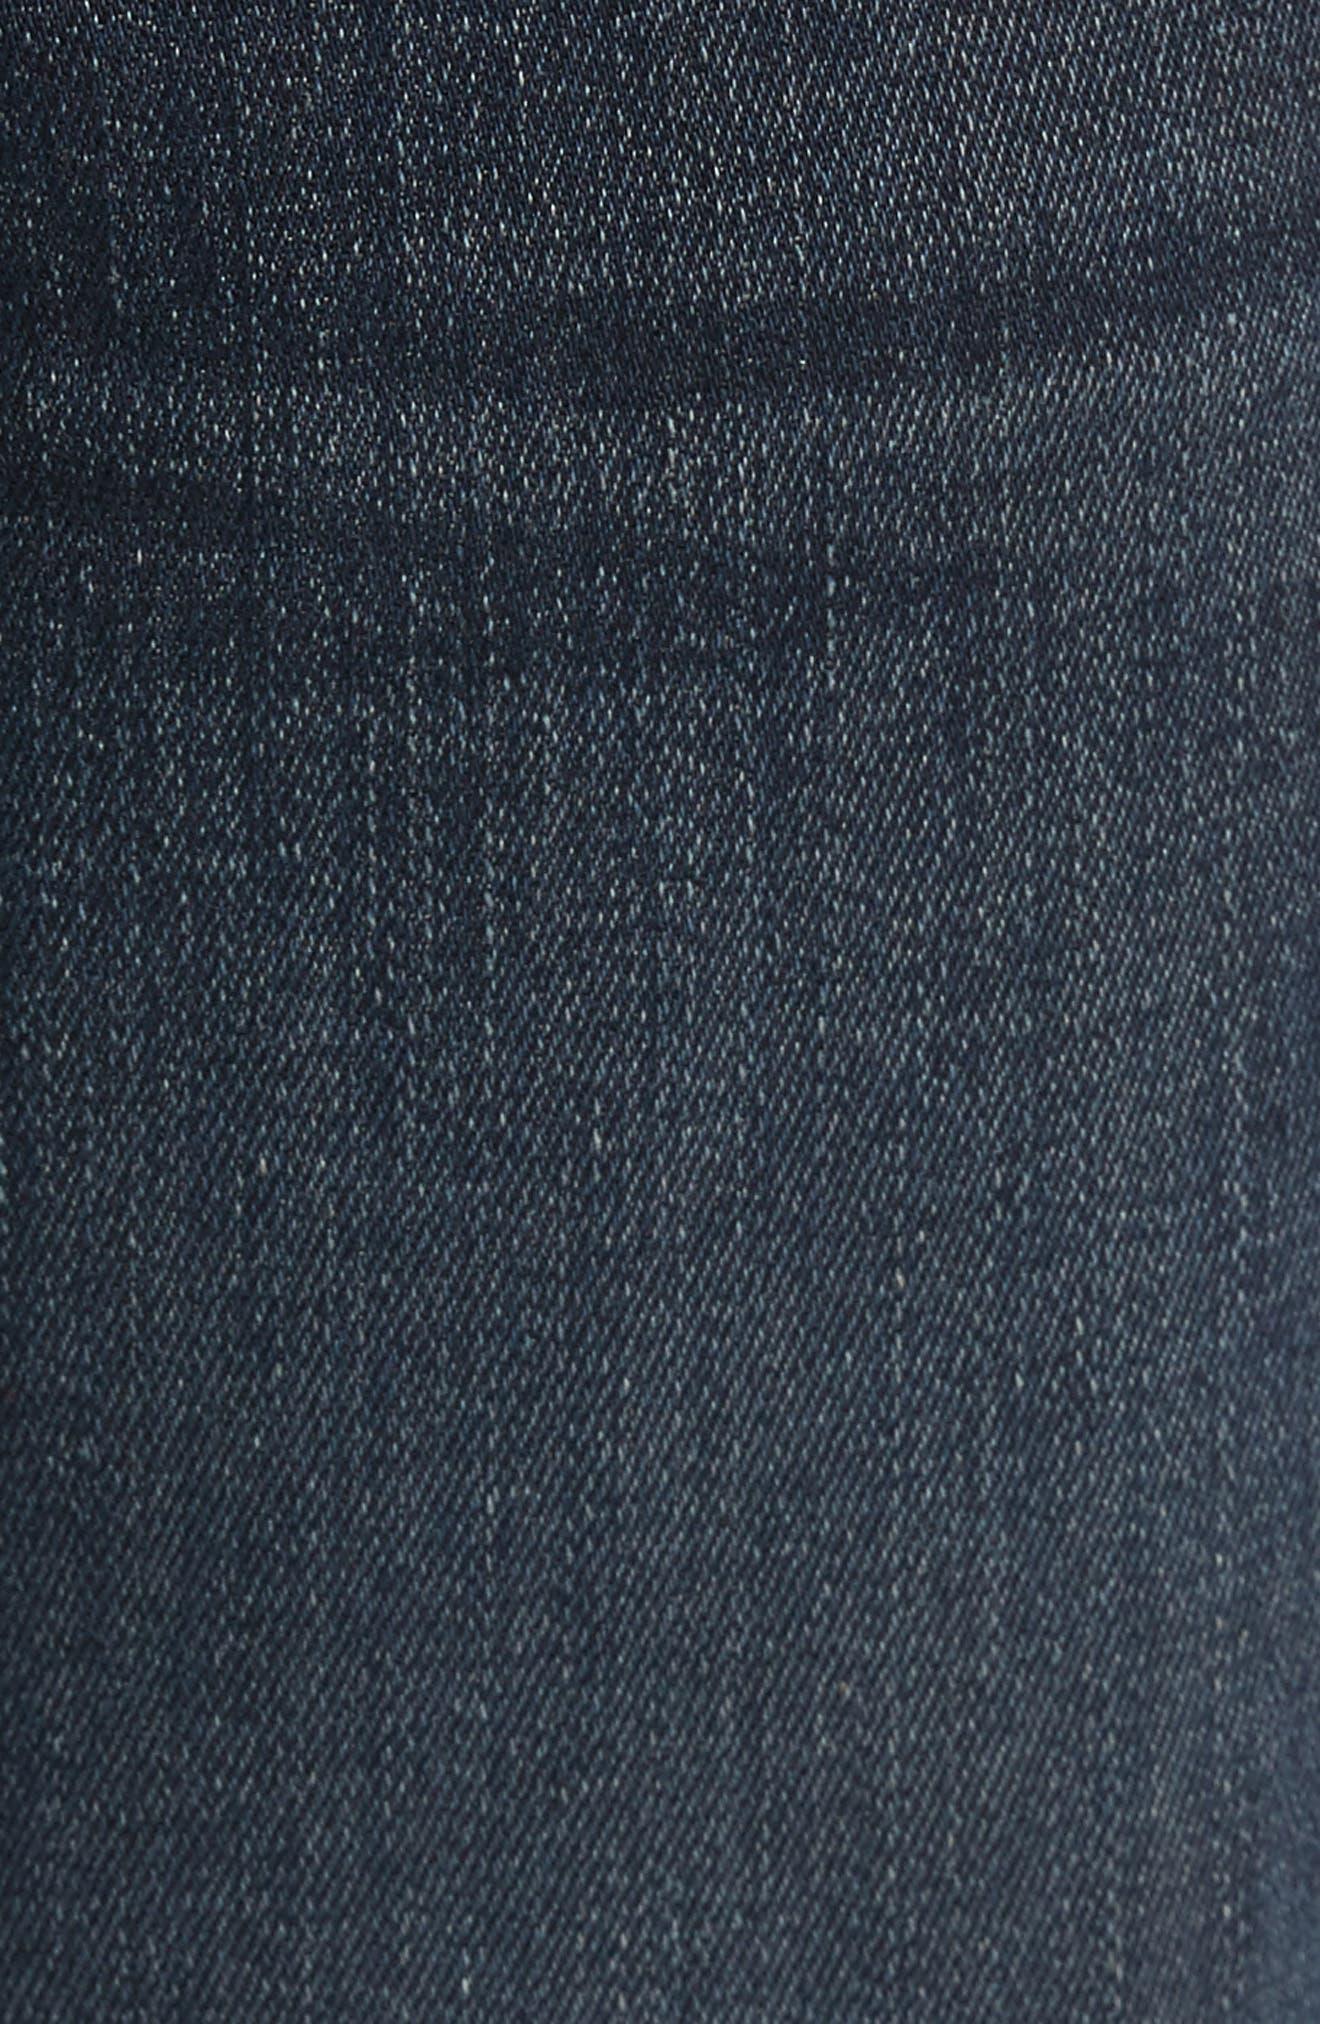 Adrien Slim Fit Jeans,                             Alternate thumbnail 5, color,